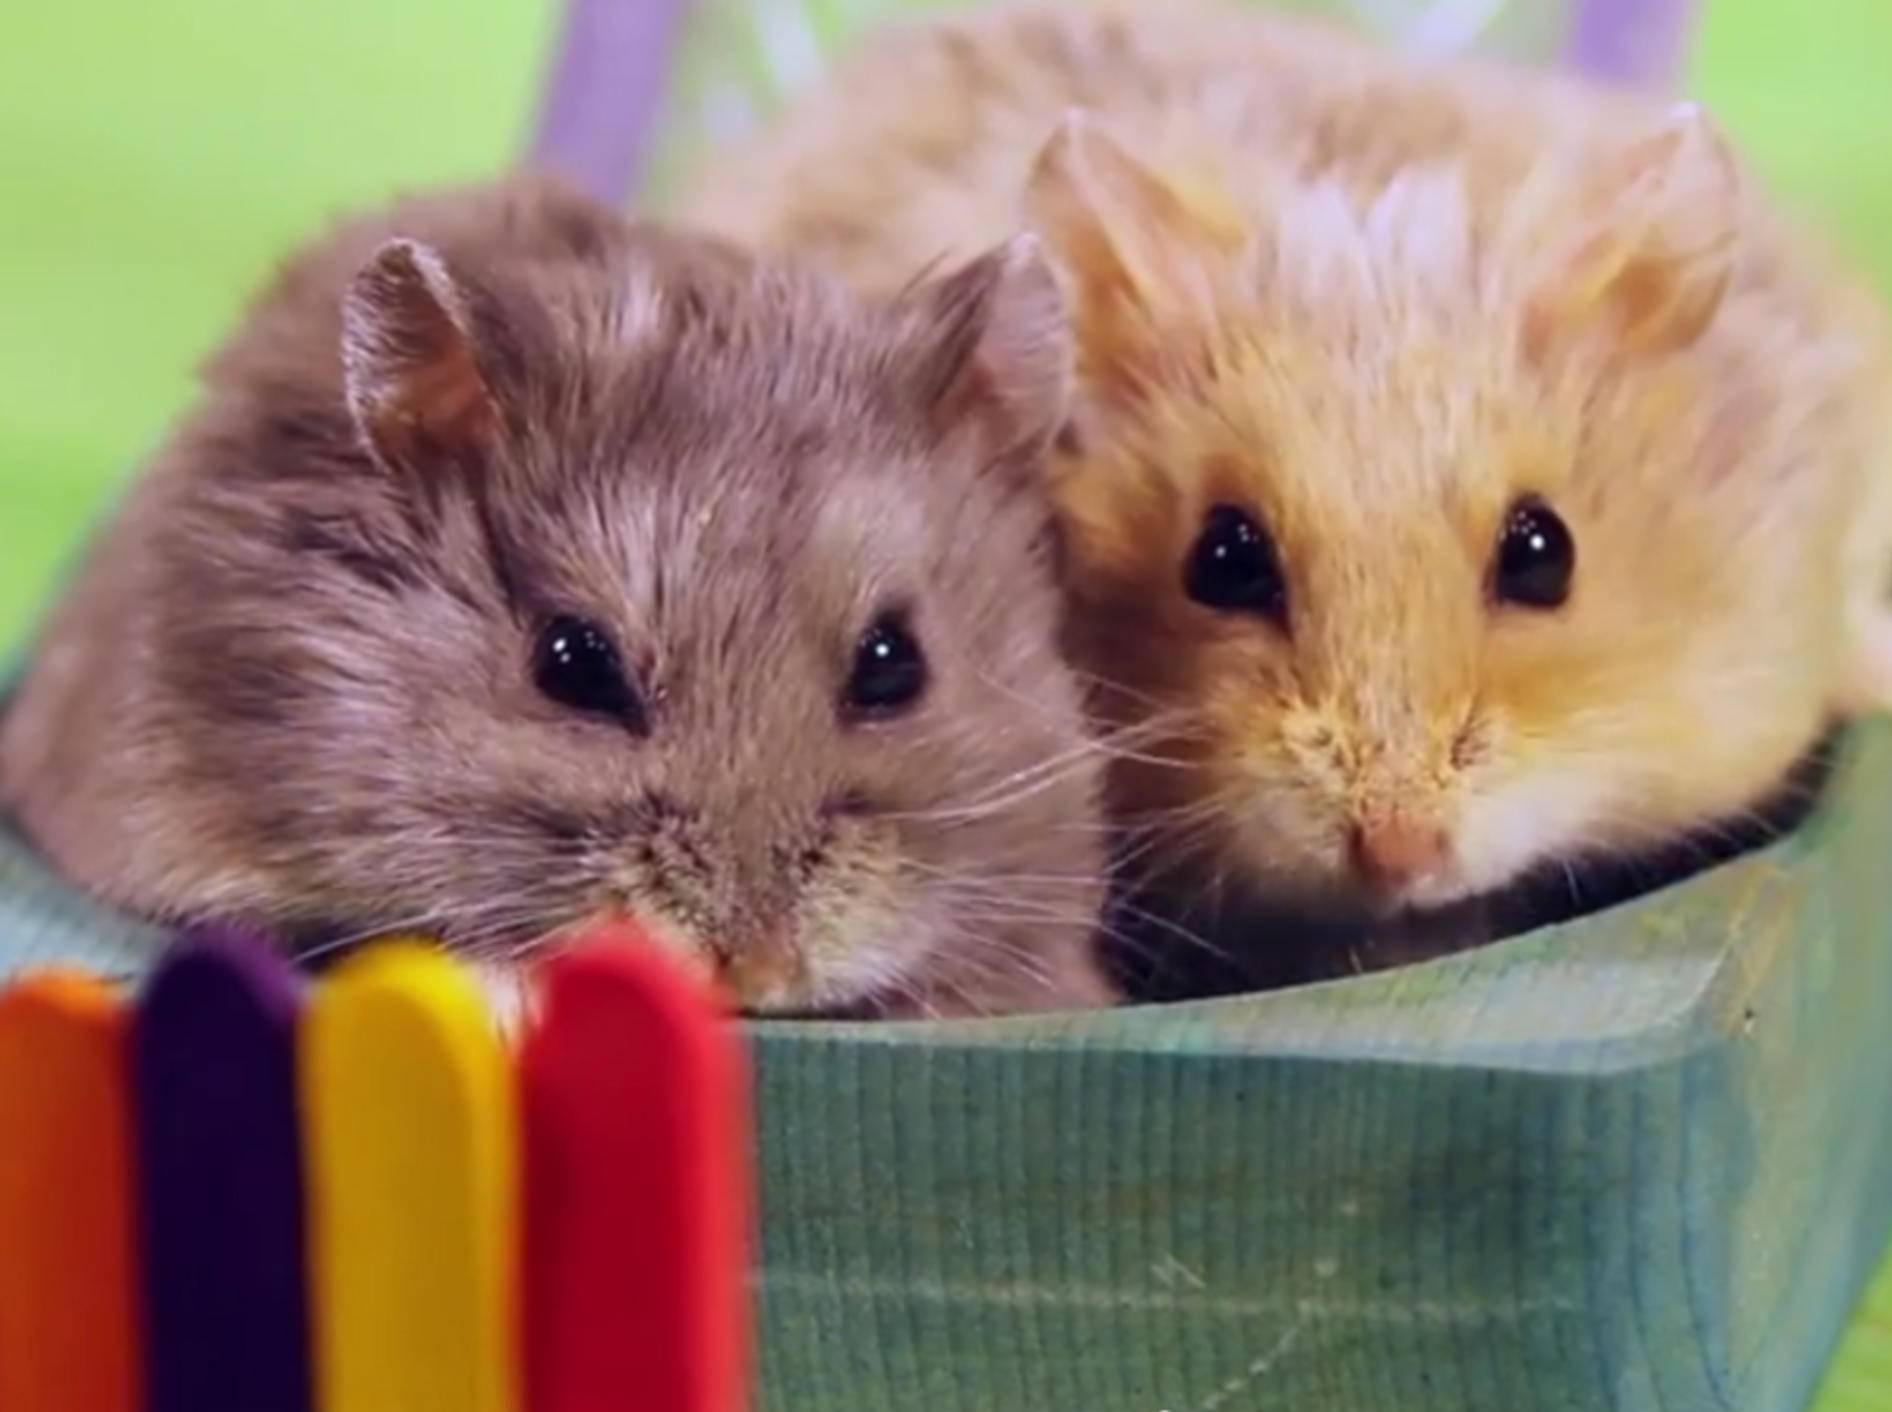 Kuschelsüße Mini-Hamster haben Spaß auf ihrem Spielplatz – YouTube / AprilsAnimals